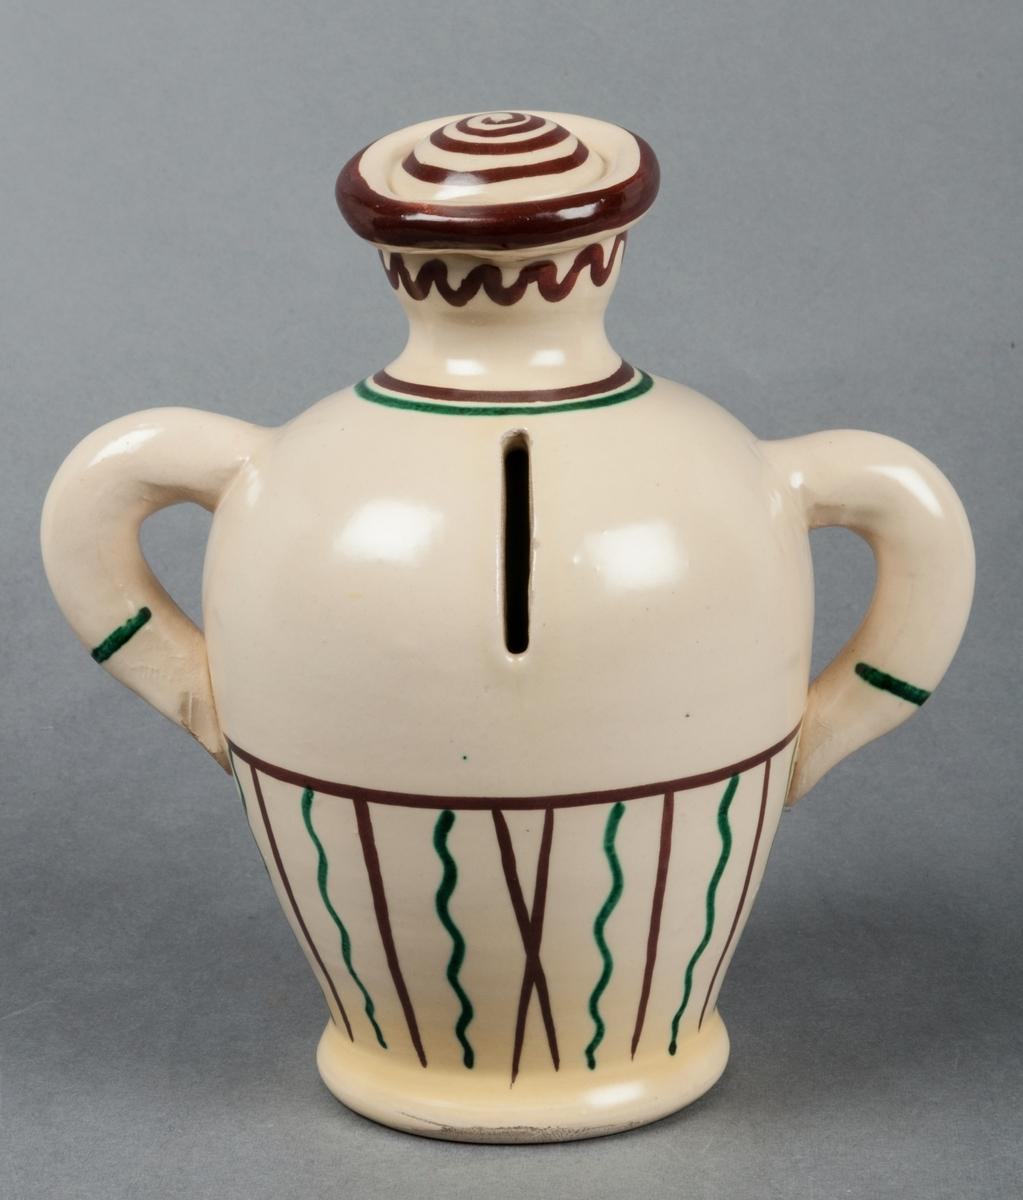 Sparbössa i form av gubbe, Bo Fajans, formgivare Eva Jancke-Björk. Beigefärgad bottenglasyr med dekor i brunt, grönt och gult. Modell: 3507